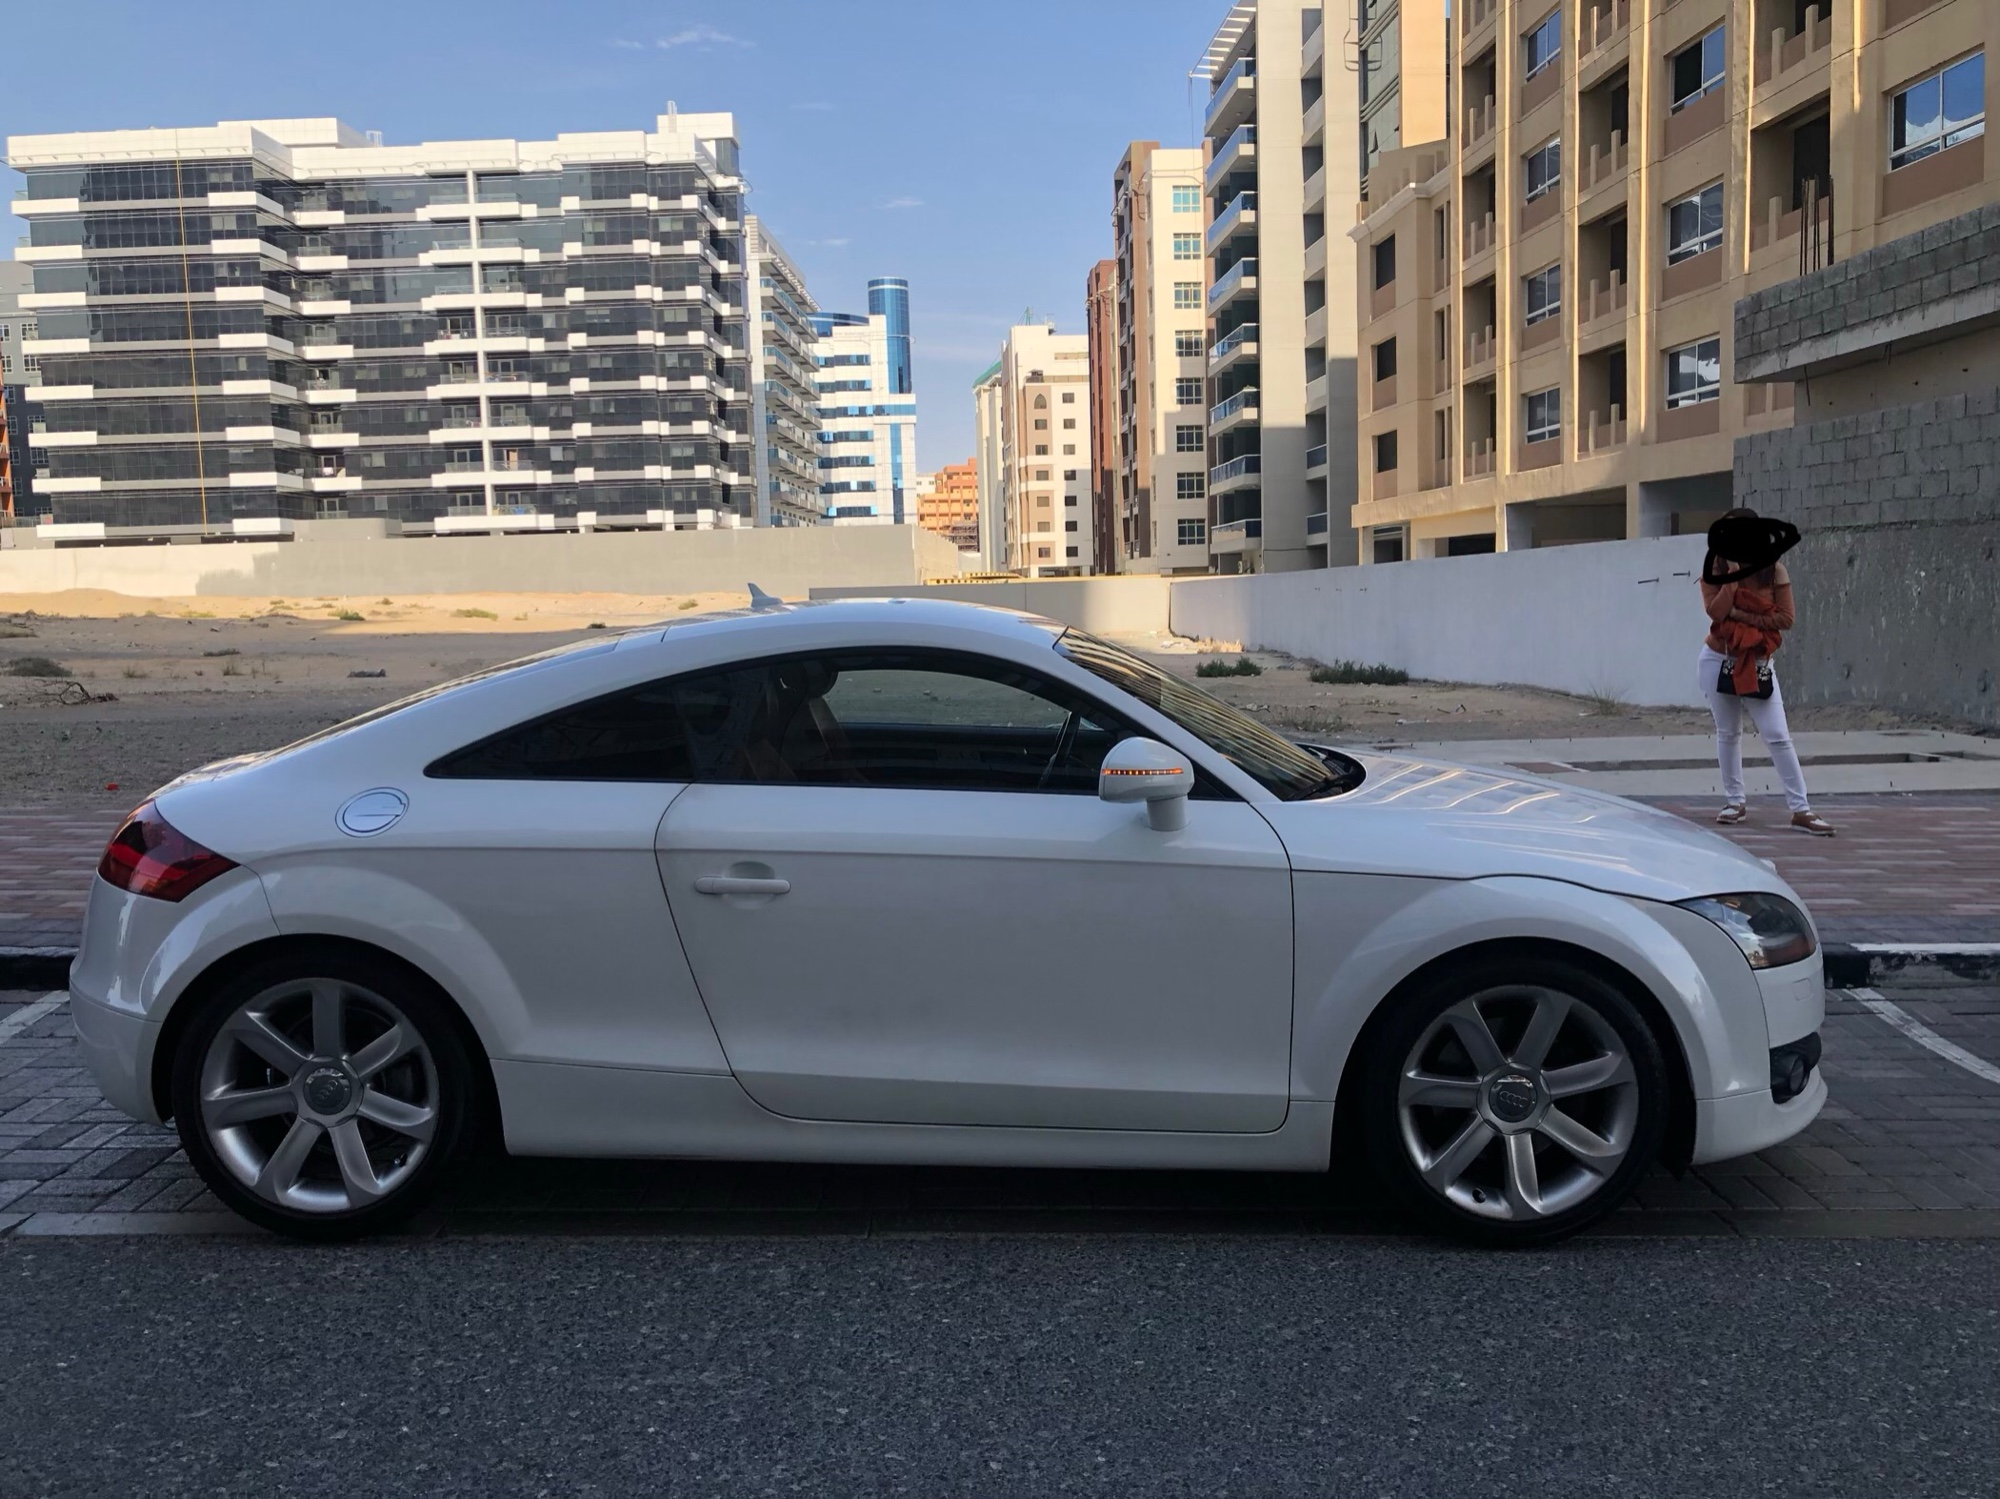 Kelebihan Kekurangan Audi Tt 2008 Murah Berkualitas